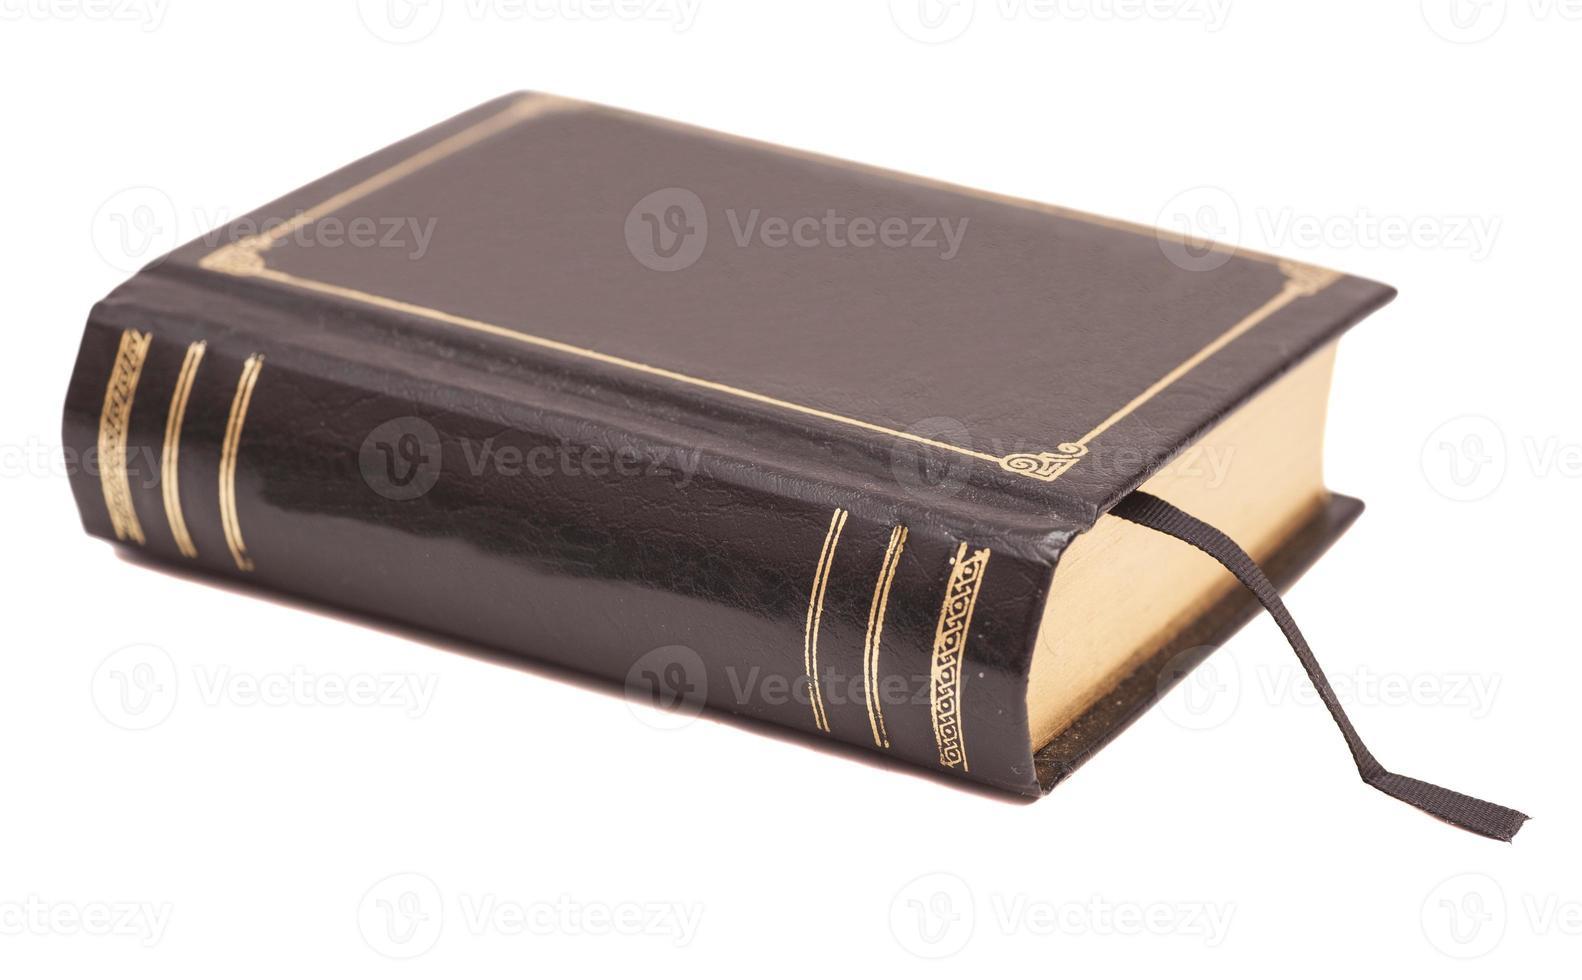 Portada del libro aislado sobre fondo blanco. foto